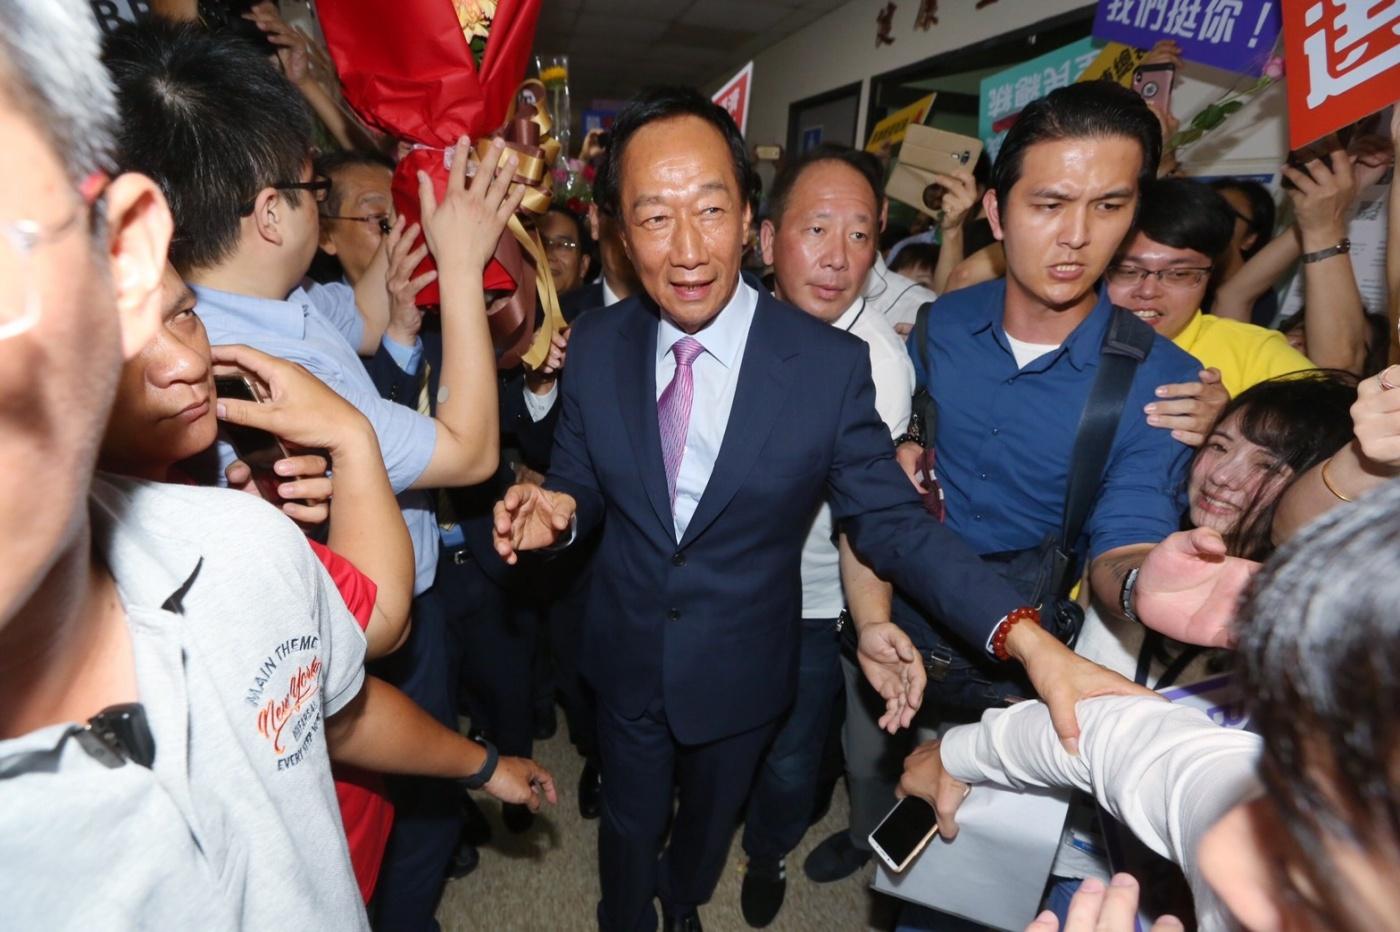 【最後一場股東會】郭台銘:任內無愧良心,選總統對鴻海股價有幫助